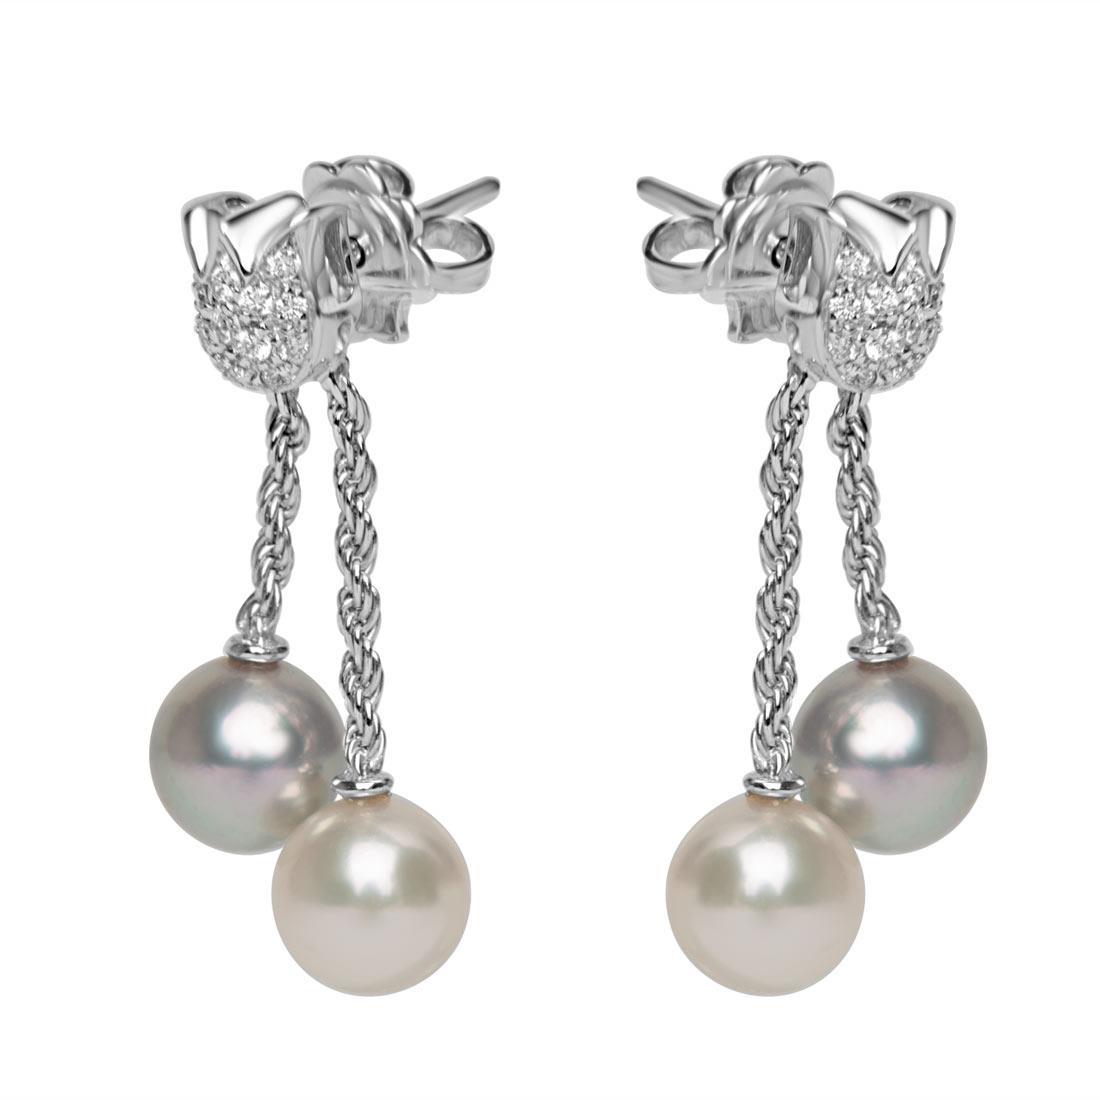 Orecchini in oro bianco con diamanti ct 0.26 e perle - ORO&CO